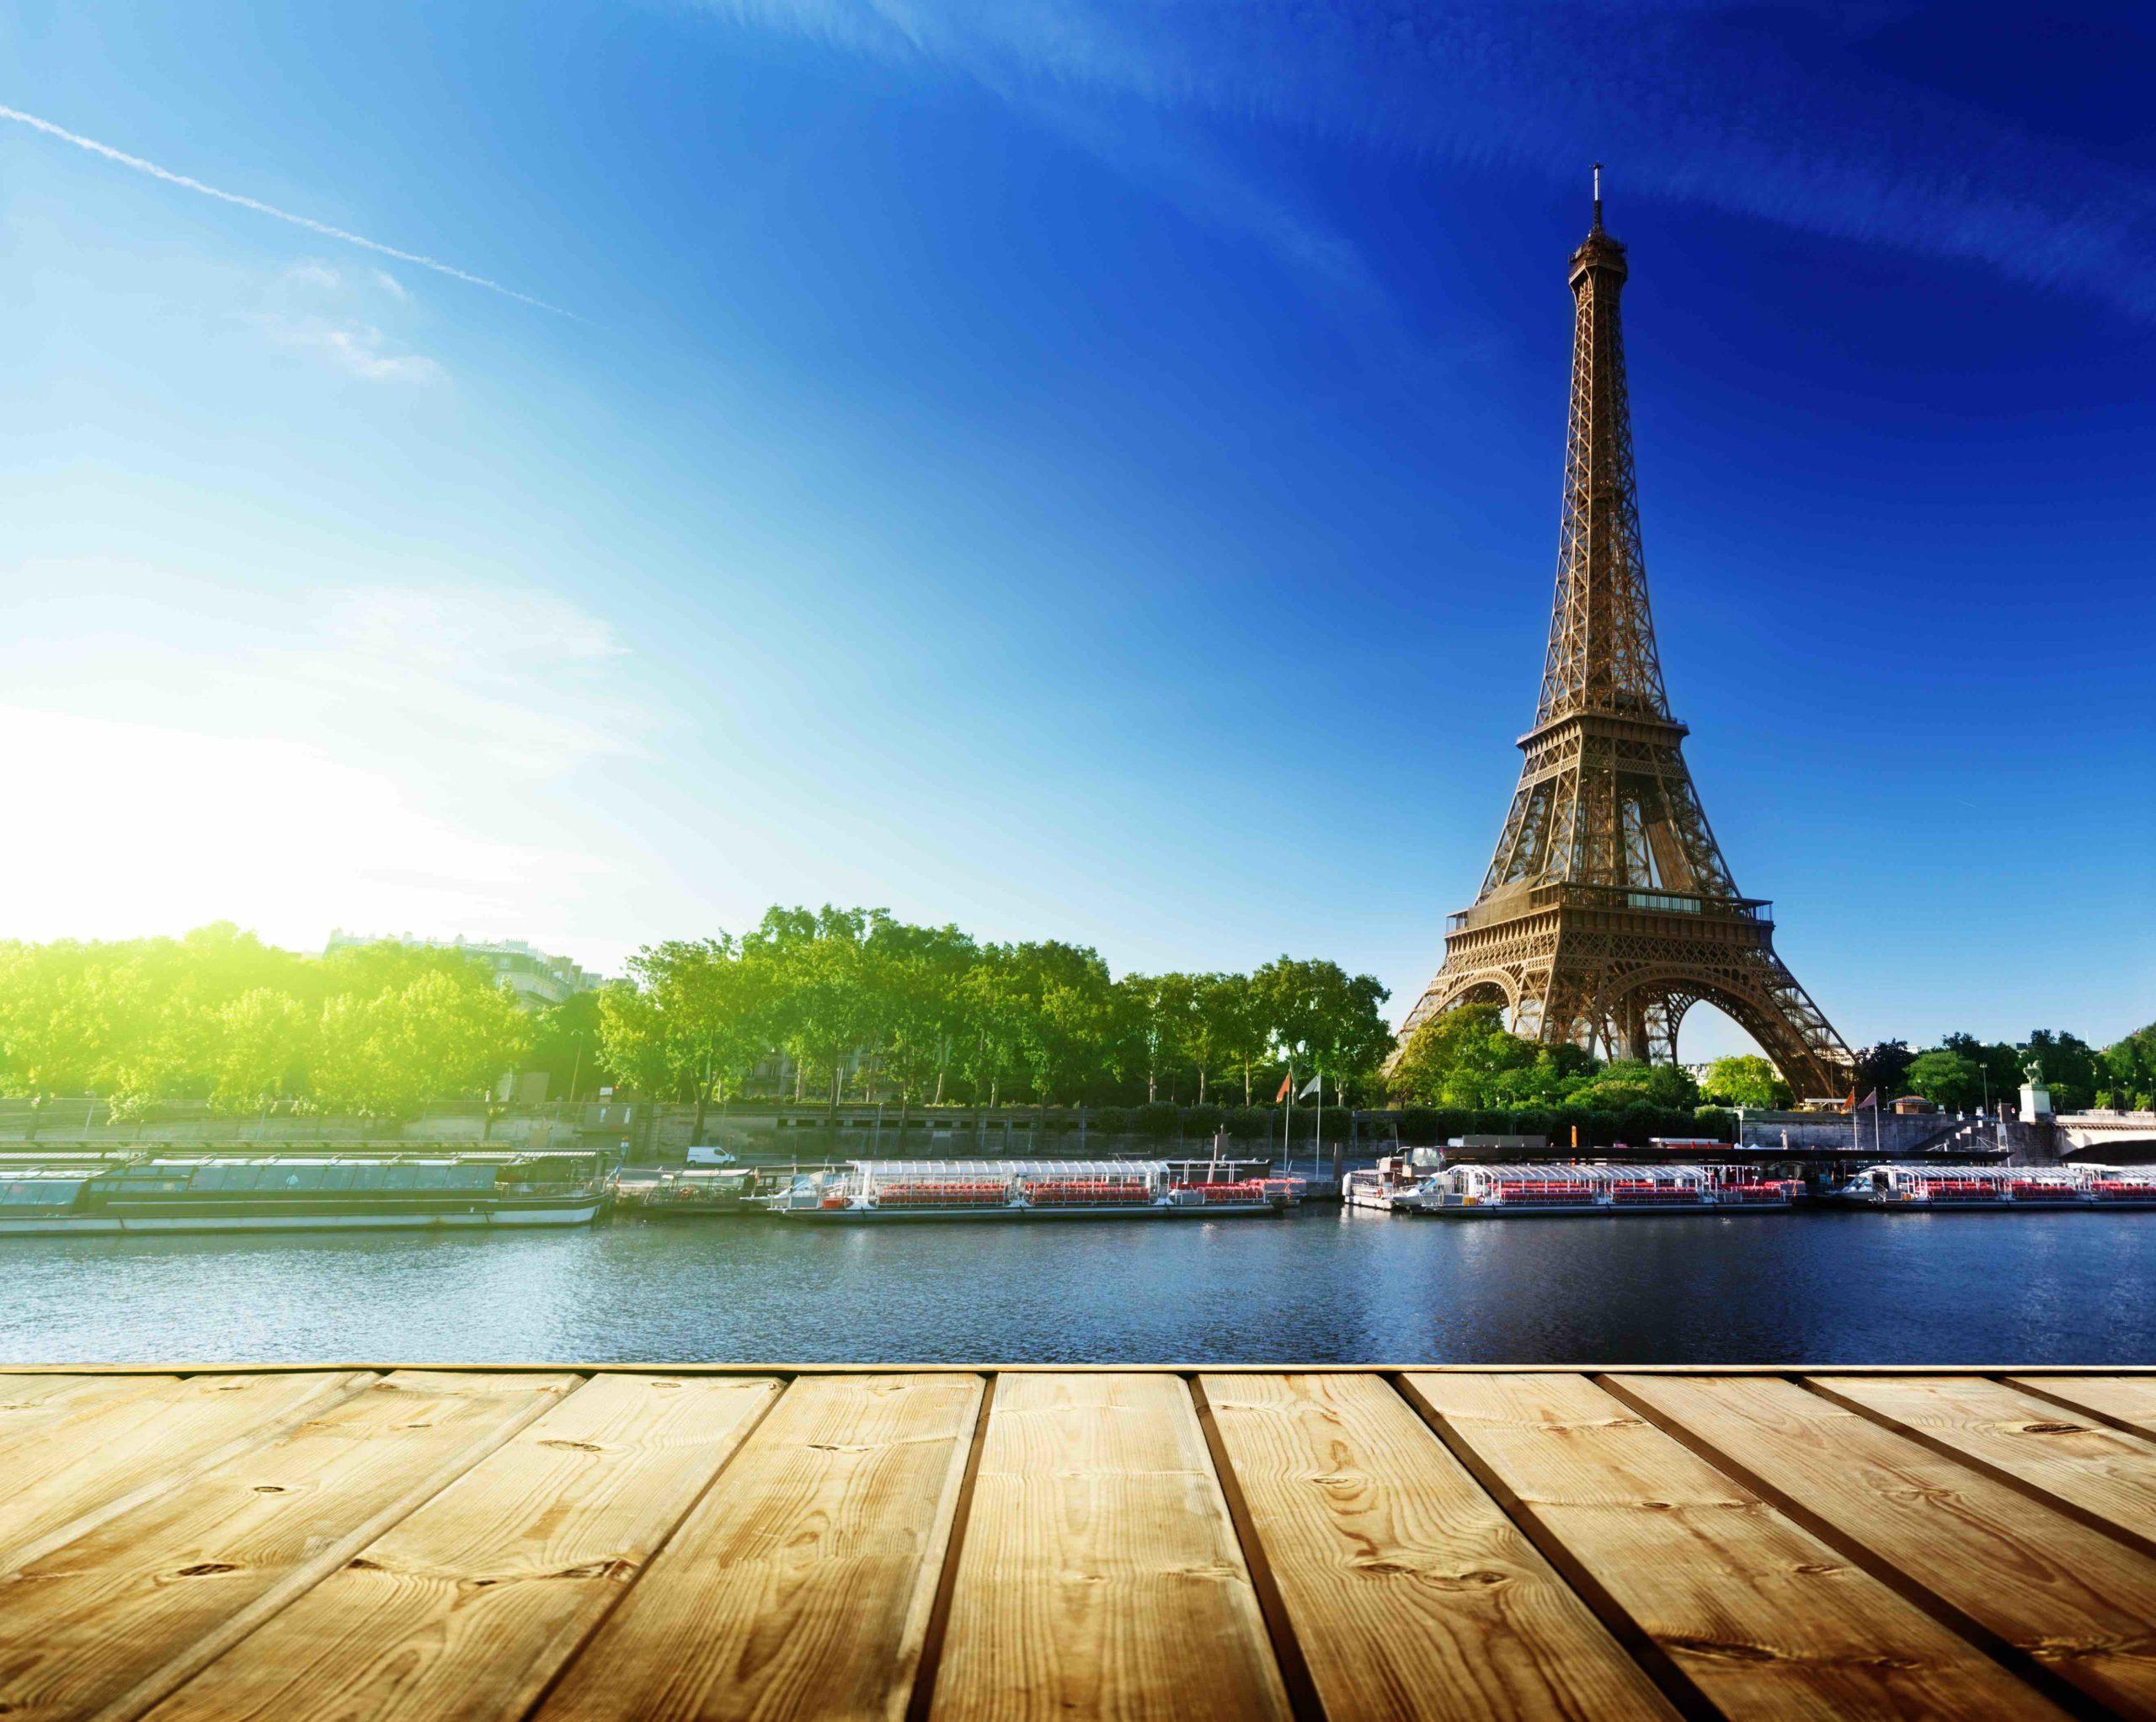 The Grand European Tour